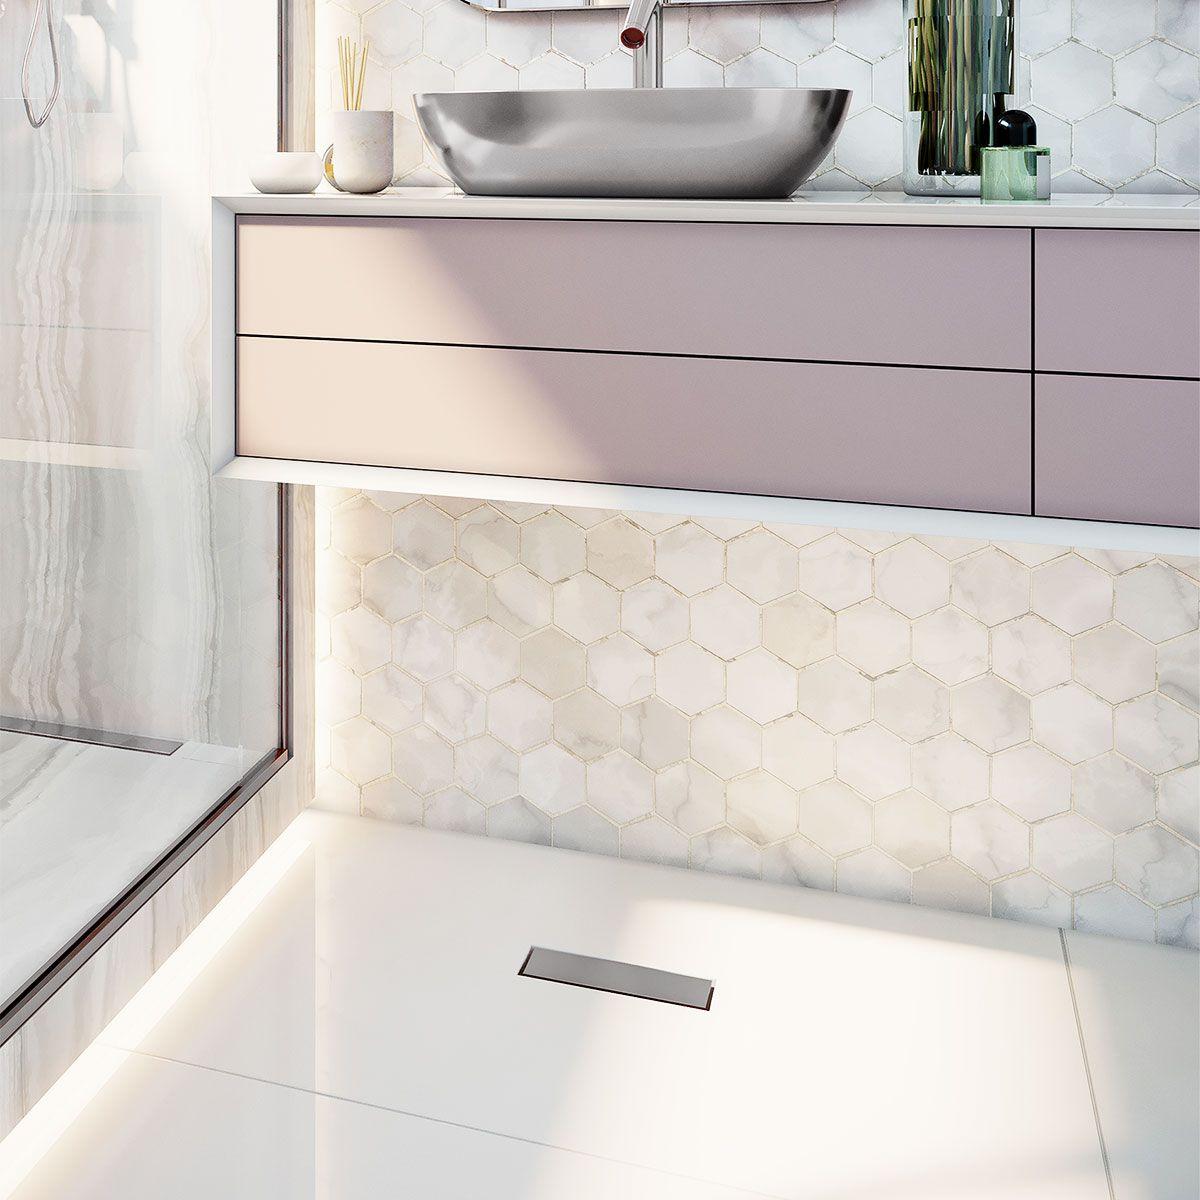 Ralo Linear Banheiro Elleve - linha Versatile